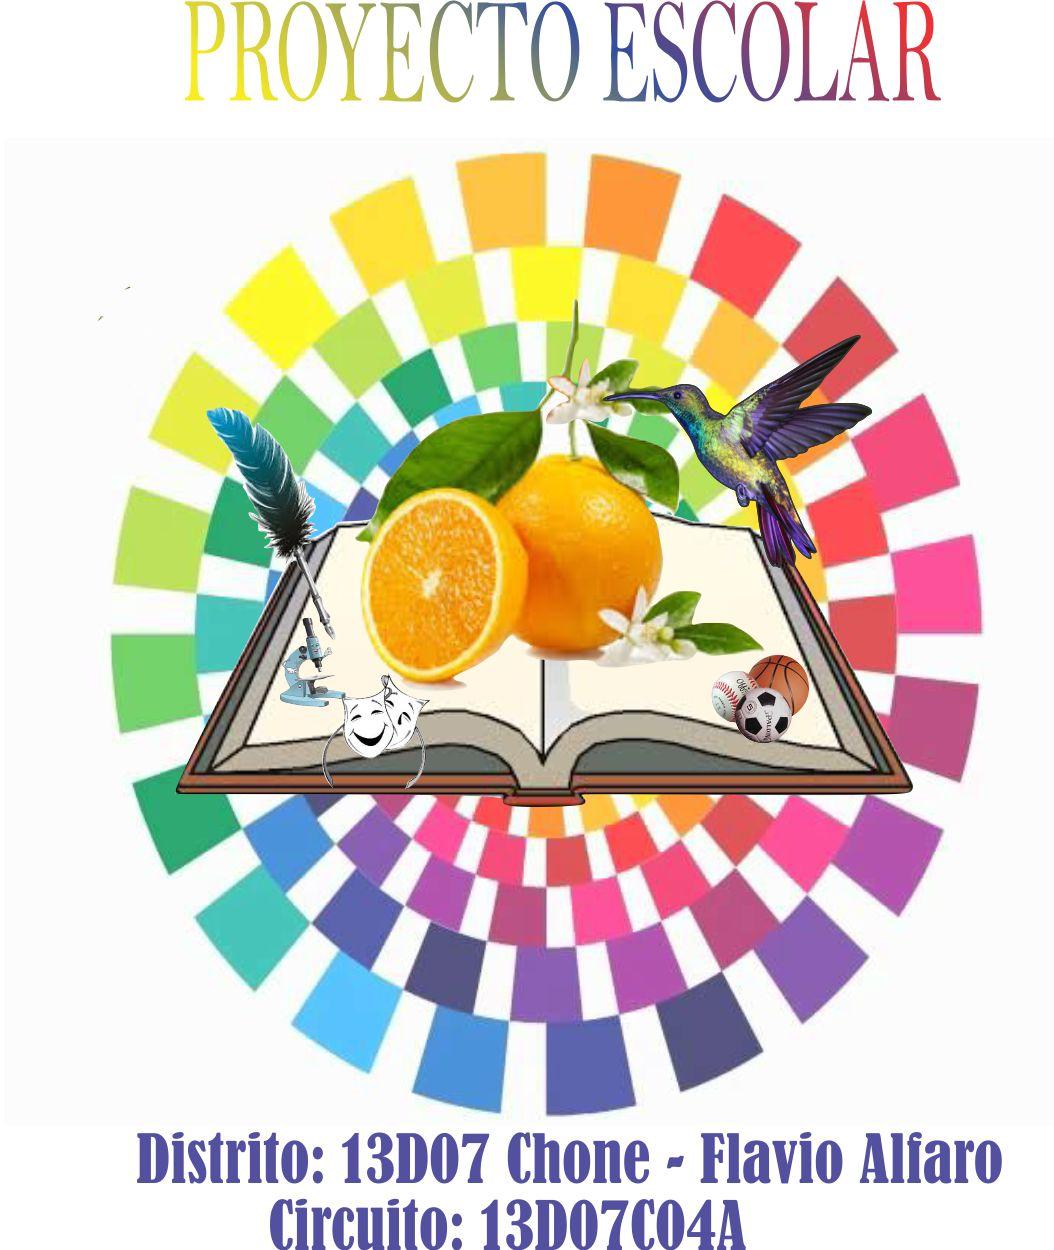 Unidad Educativa General Eloy Alfaro Logo De Proyecto Escolar